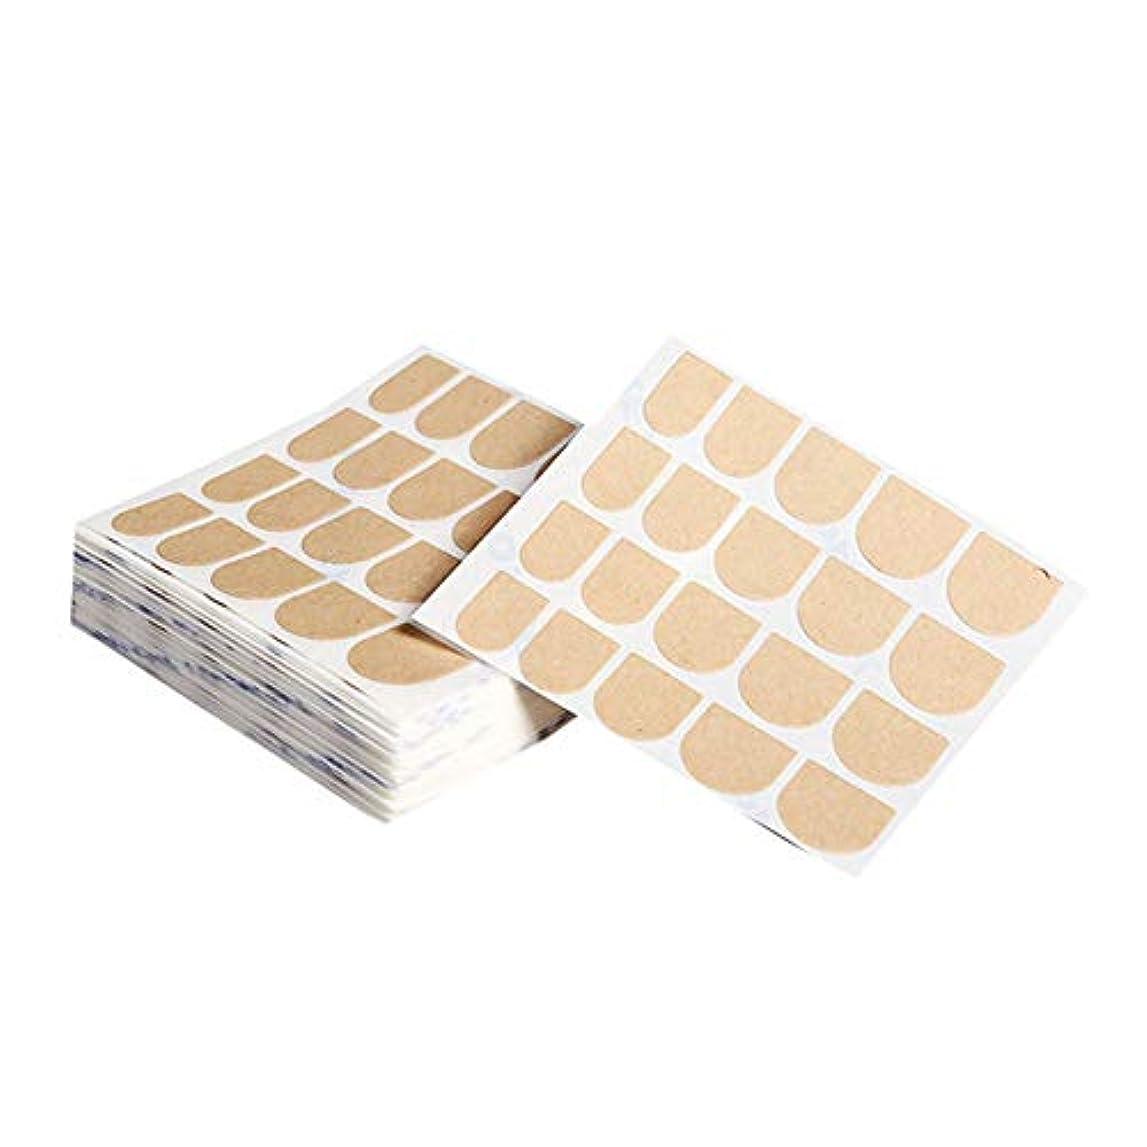 予想する寝室アマチュアACHICOO ネイルアートステッカー 20個 ネイルアート チップネイル ステッカーデカール DIY アクセサリー 20PCS 20pcs packaged